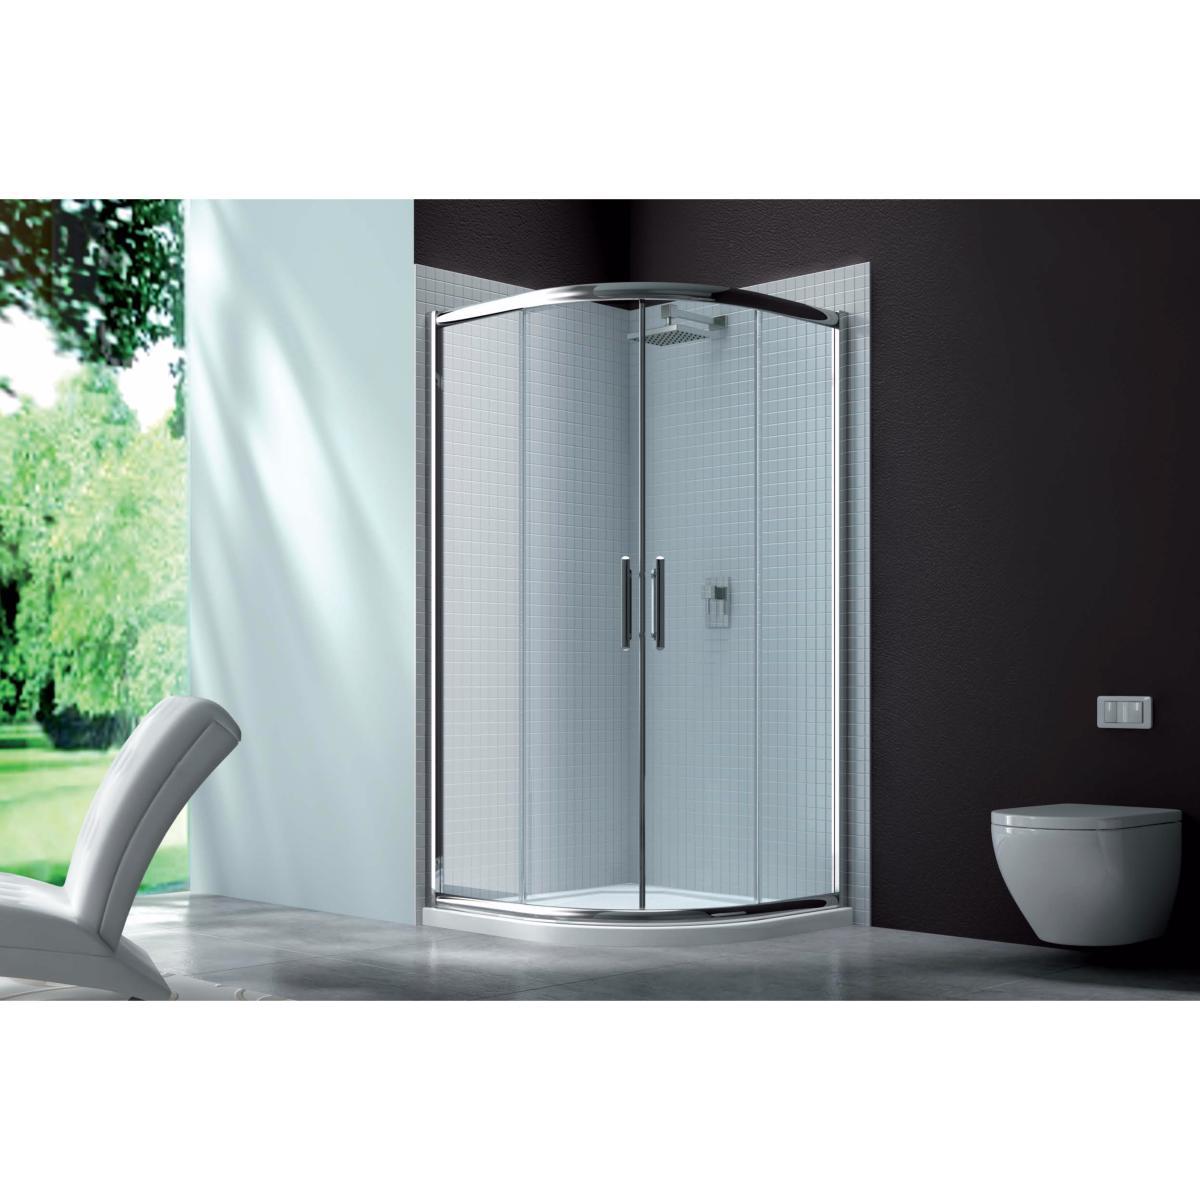 paroi de douche 1 4 de cercle 2 portes coulissantes mod le serie 6 de merlyn. Black Bedroom Furniture Sets. Home Design Ideas